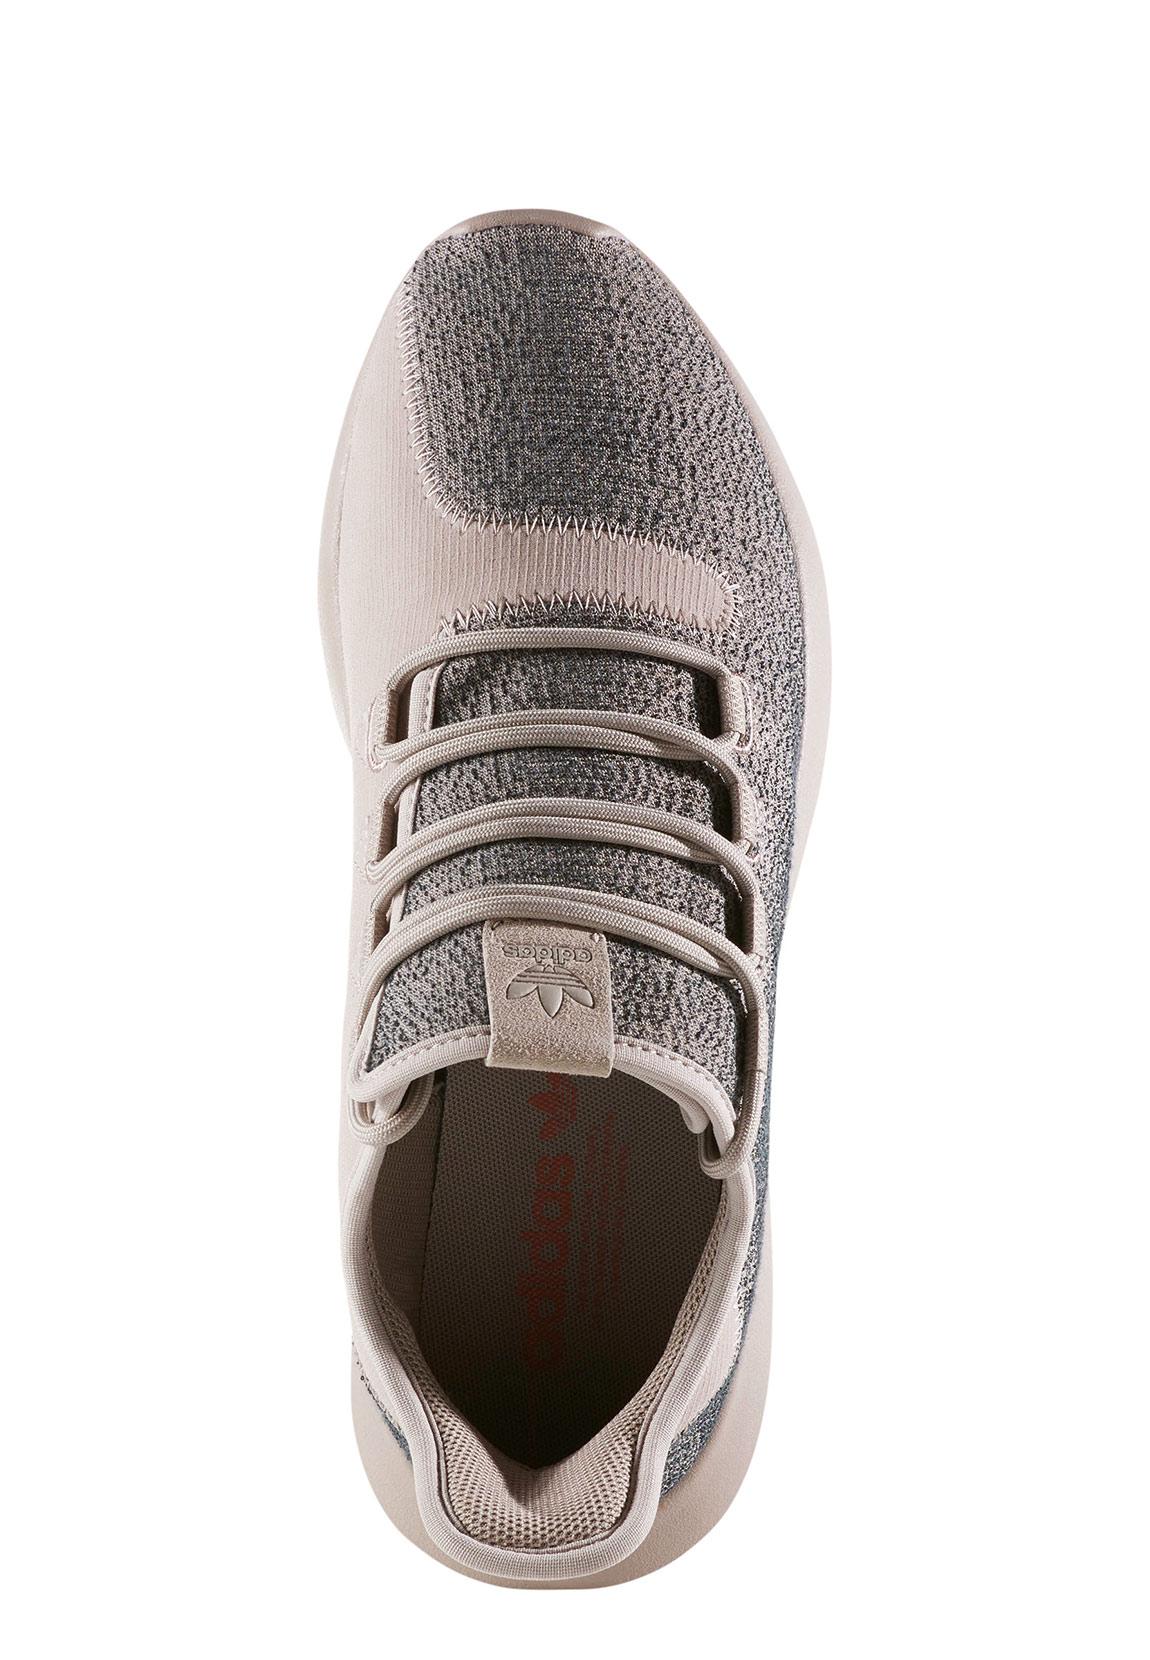 Adidas Sneaker TUBULAR SHADOW BY3574 Grau